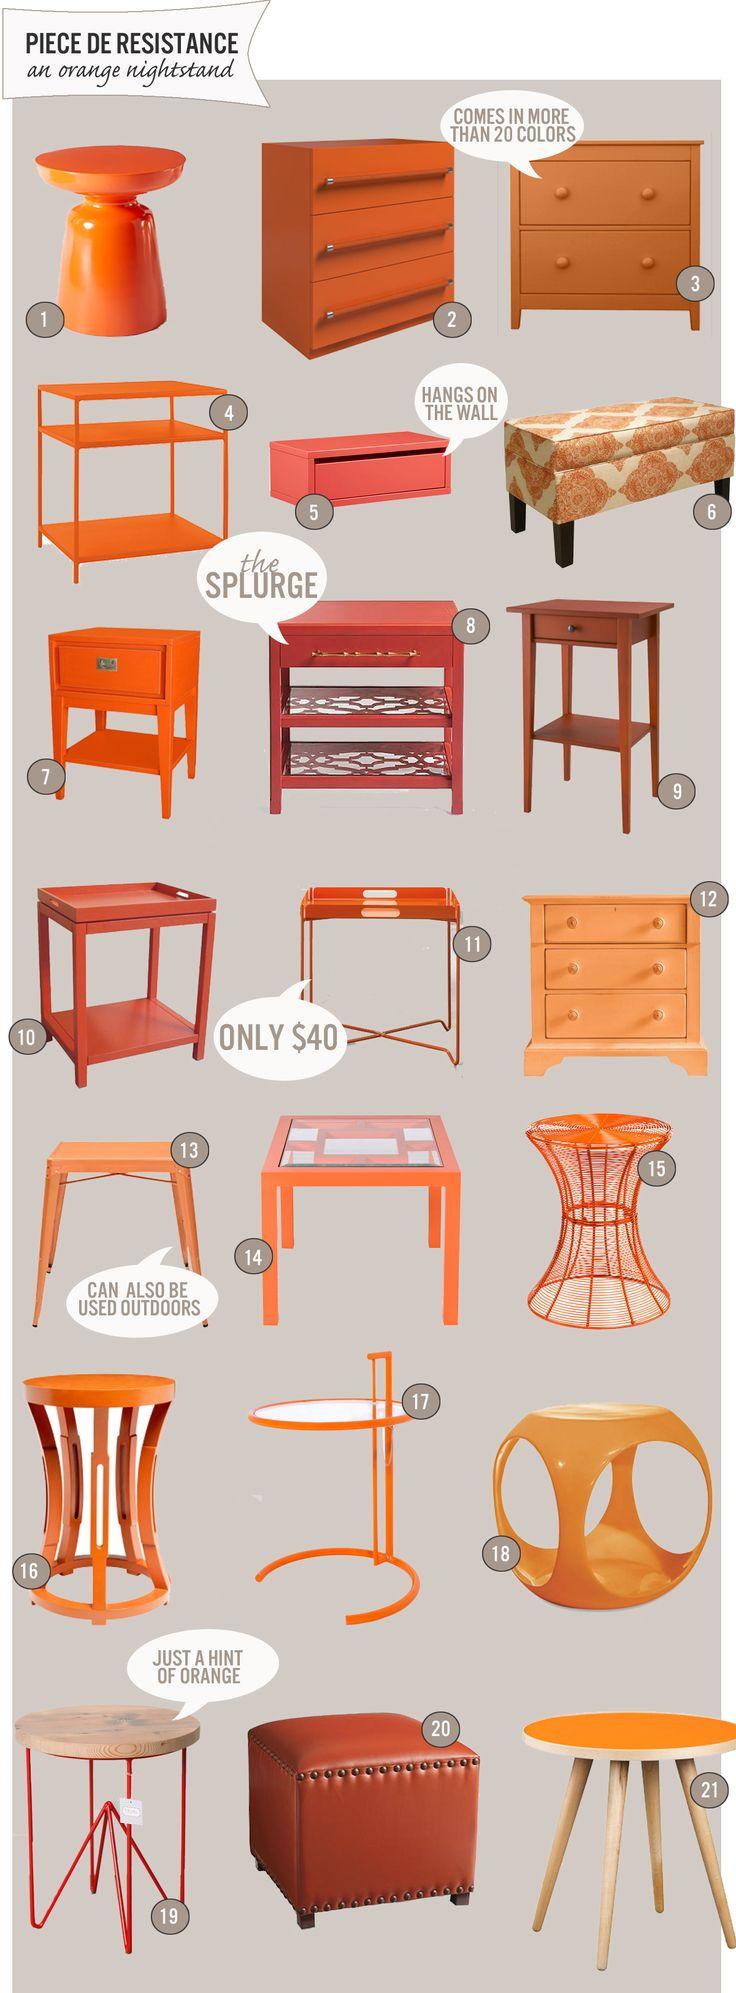 Diamond Dimple Closed Rocking Chair In 9 Kleuren - 21 orange nightstands www theanatomyofdesign com